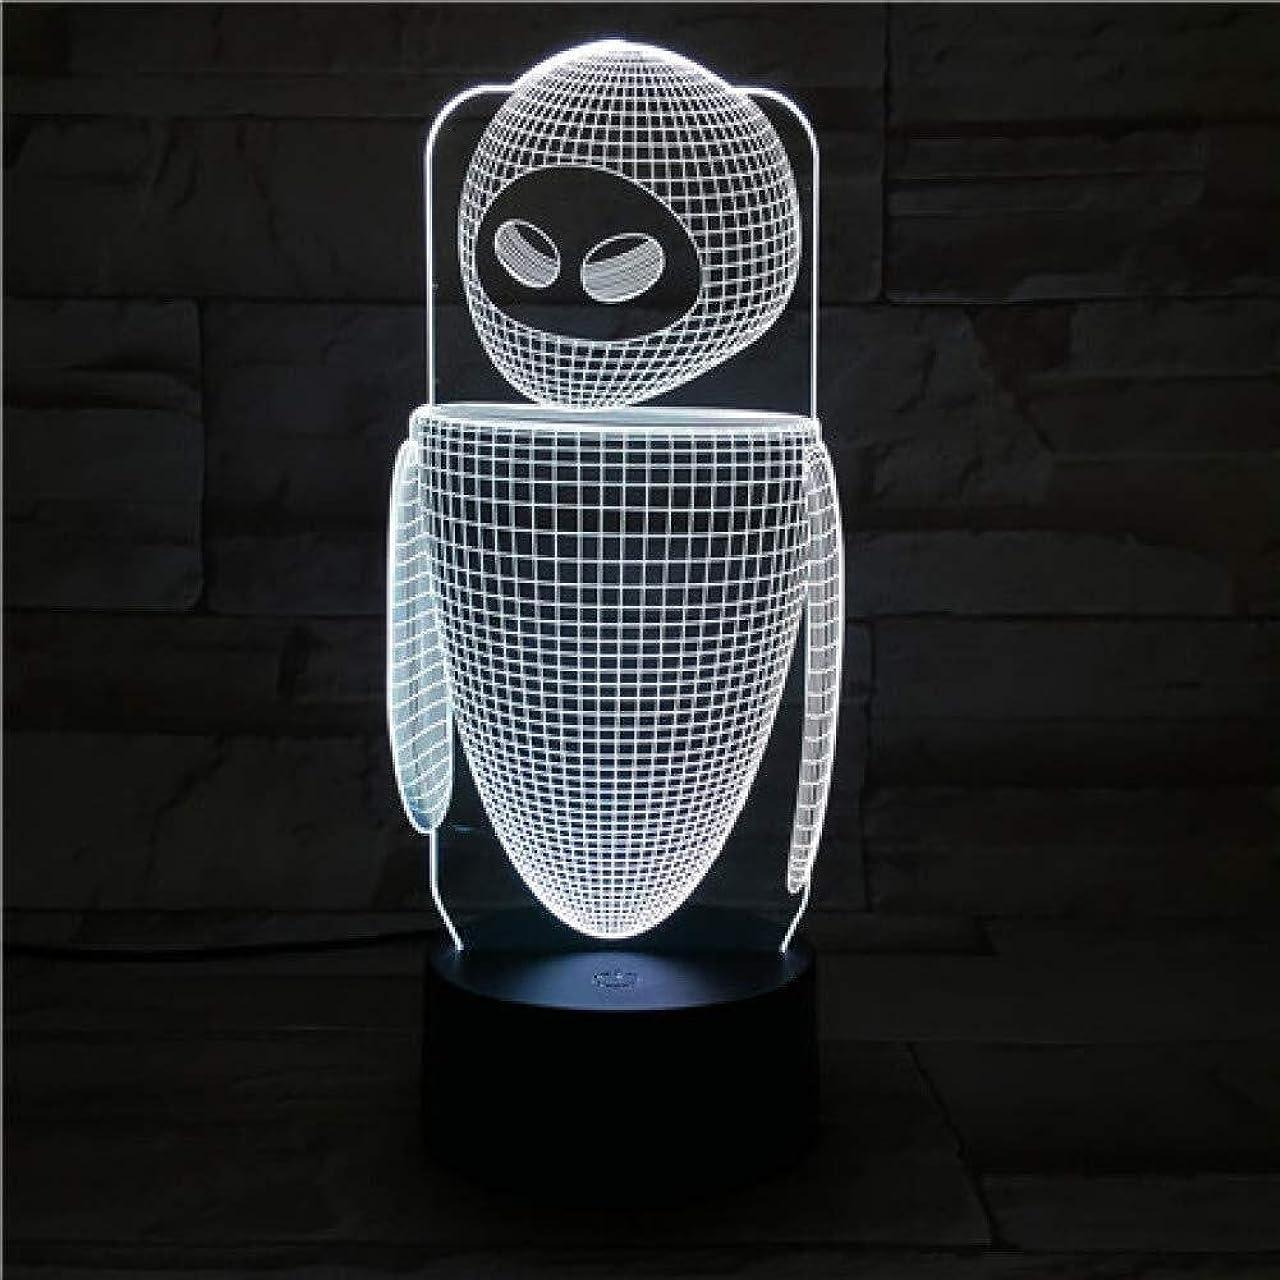 早い怠惰合金3DイリュージョンロボットモデルLEDランプタッチセンサーマルチカラーベッドルームベッドサイド装飾デスクランプキッズフェスティバル誕生日プレゼントのUSB充電